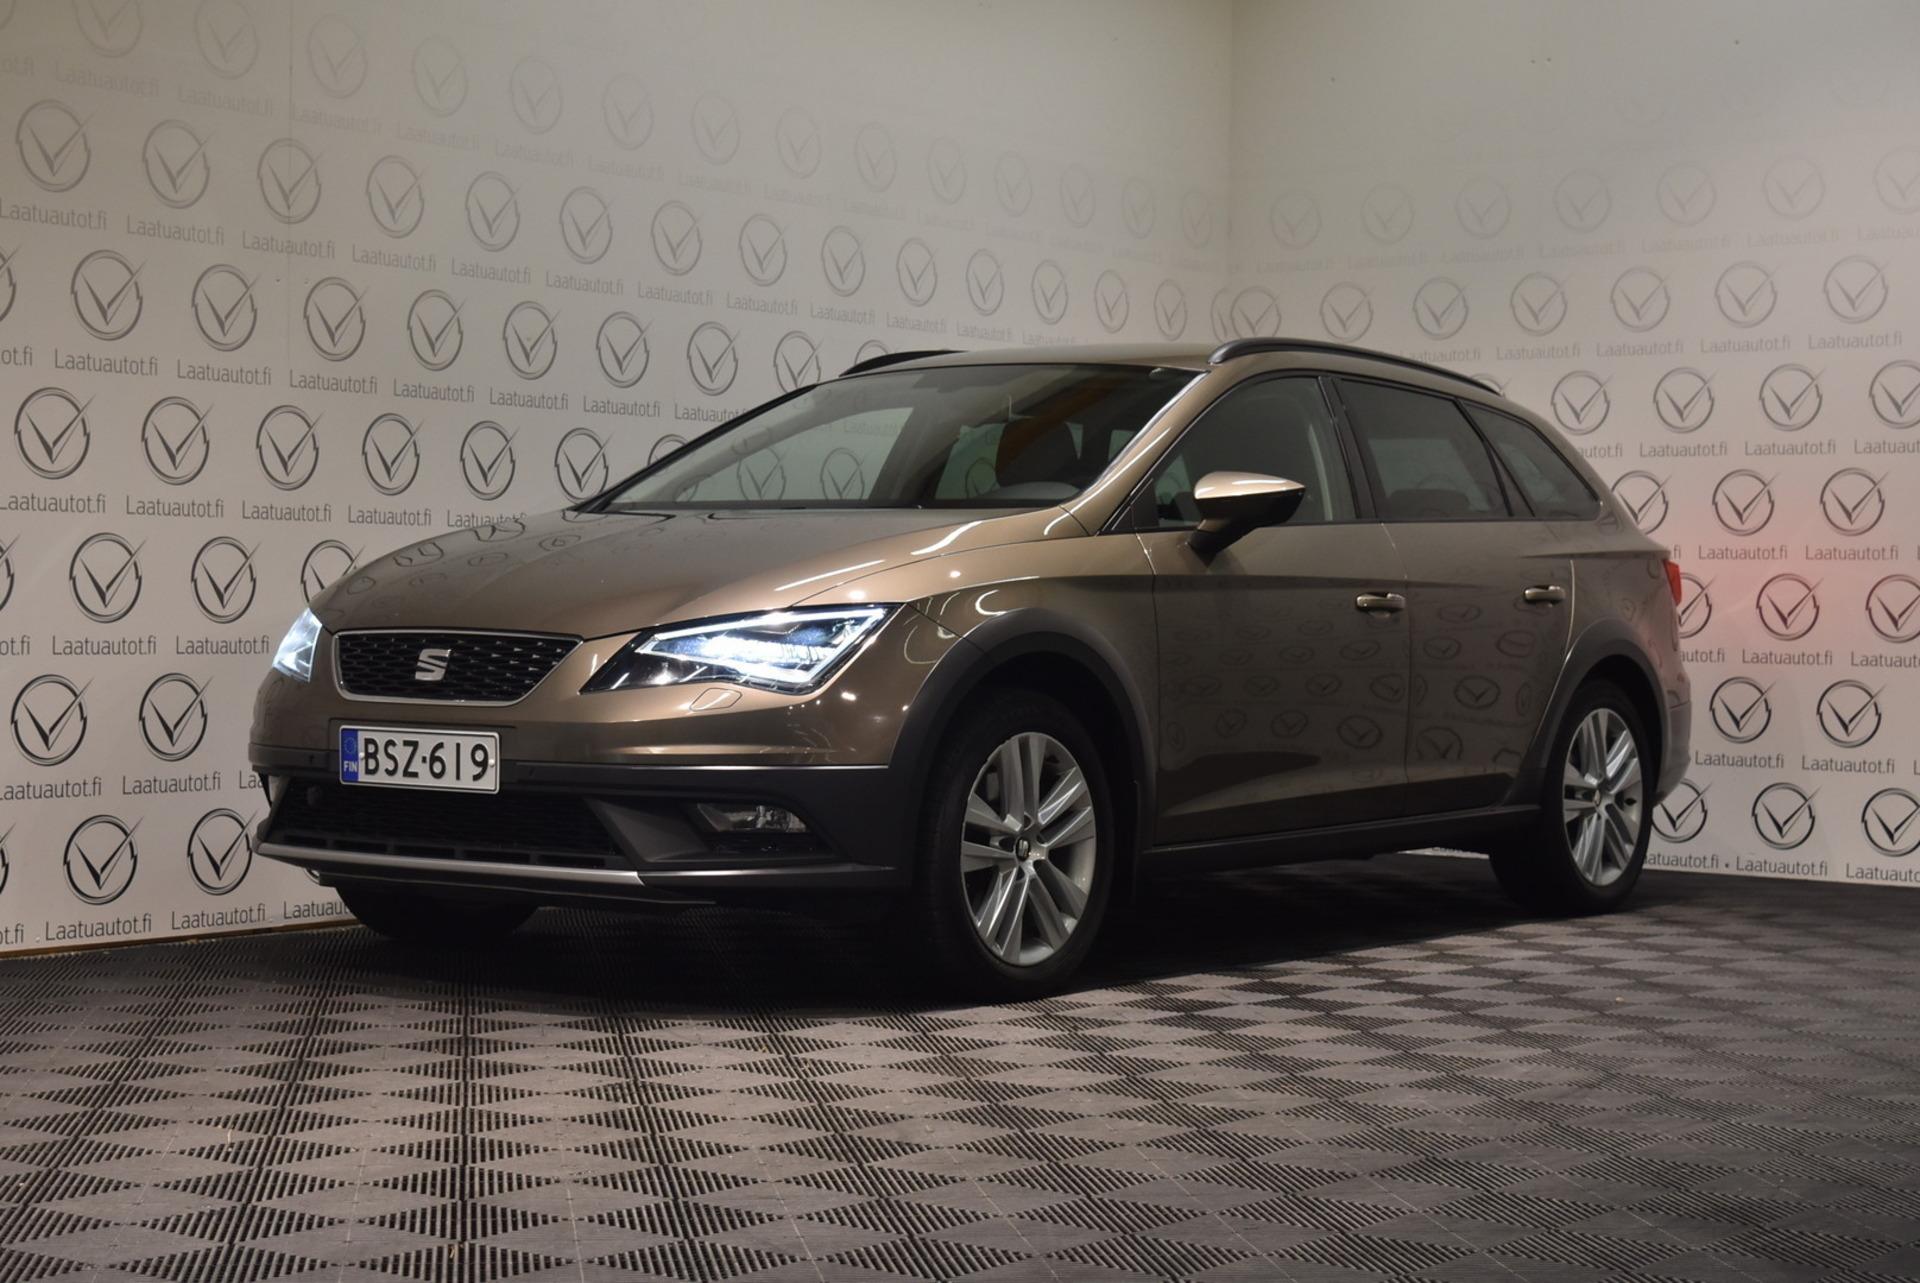 SEAT LEON X-PERIENCE 2, 0 TDI 184 4Drive DSG - Rahoitus 1.89% jopa ilman käsirahaa! Kuntotarkastettu Suomi-auto!